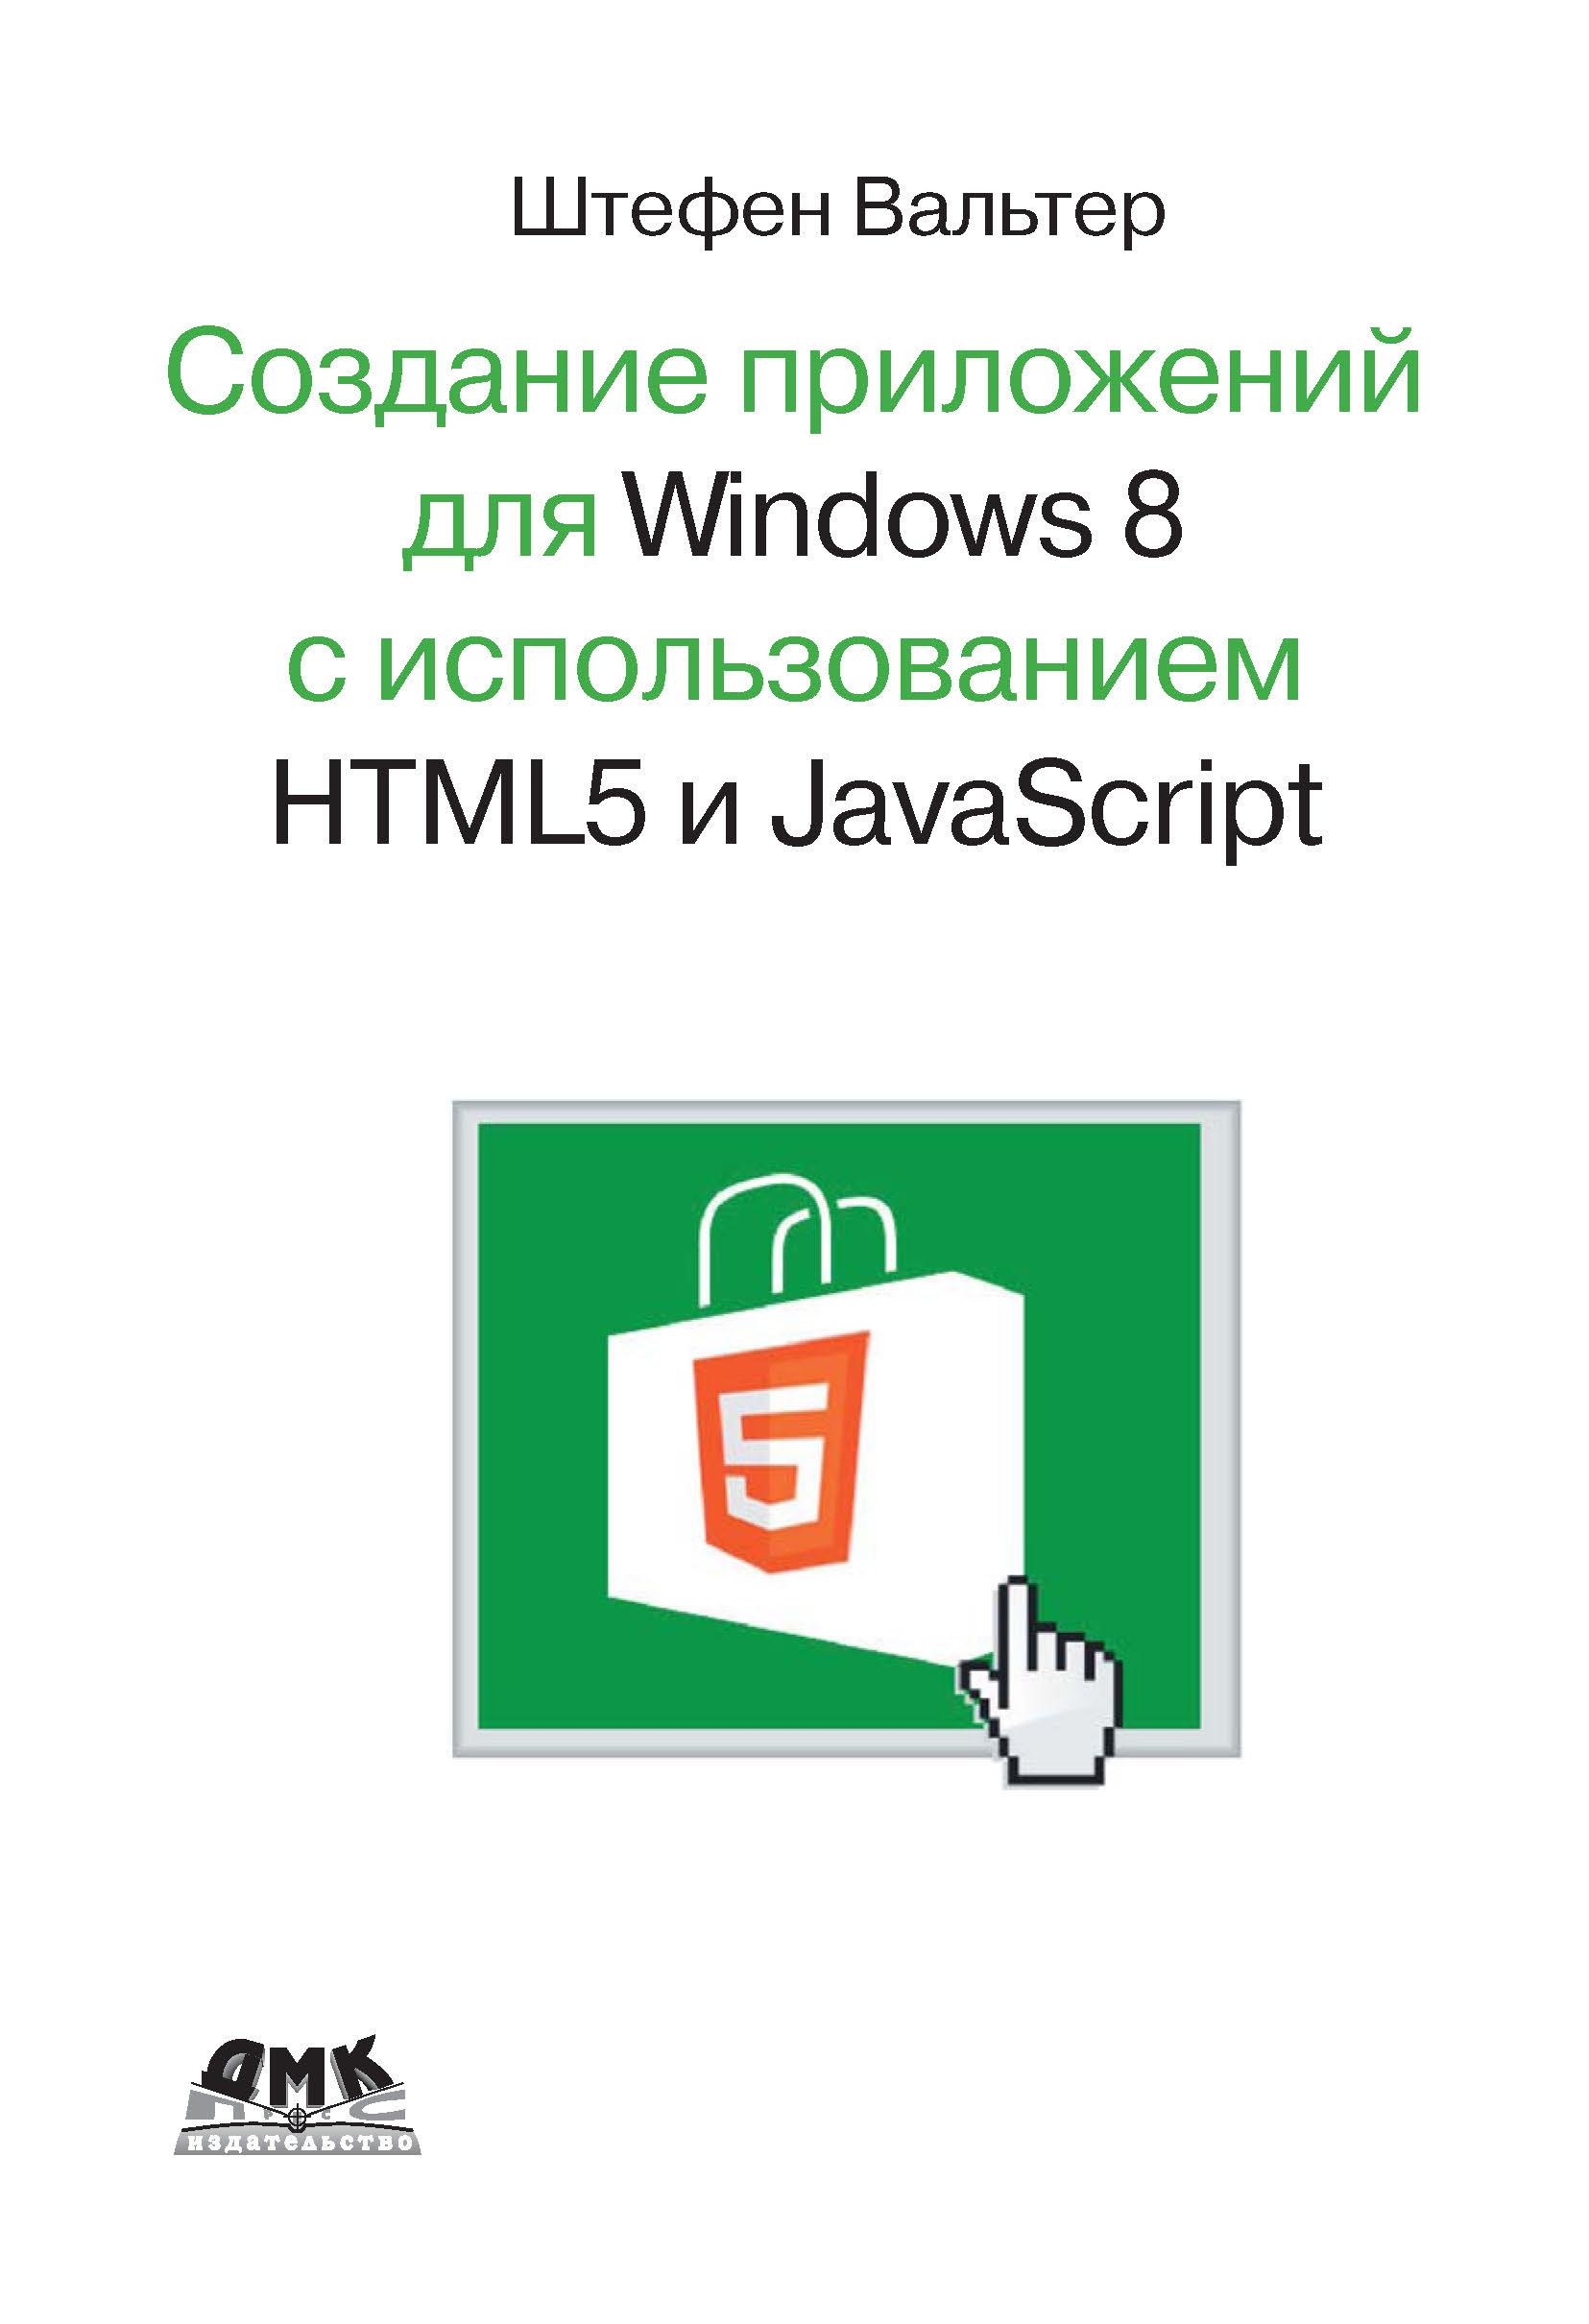 Разработка приложений для Windows 8 с помощью HTML5 и JavaScript. Подробное руководство